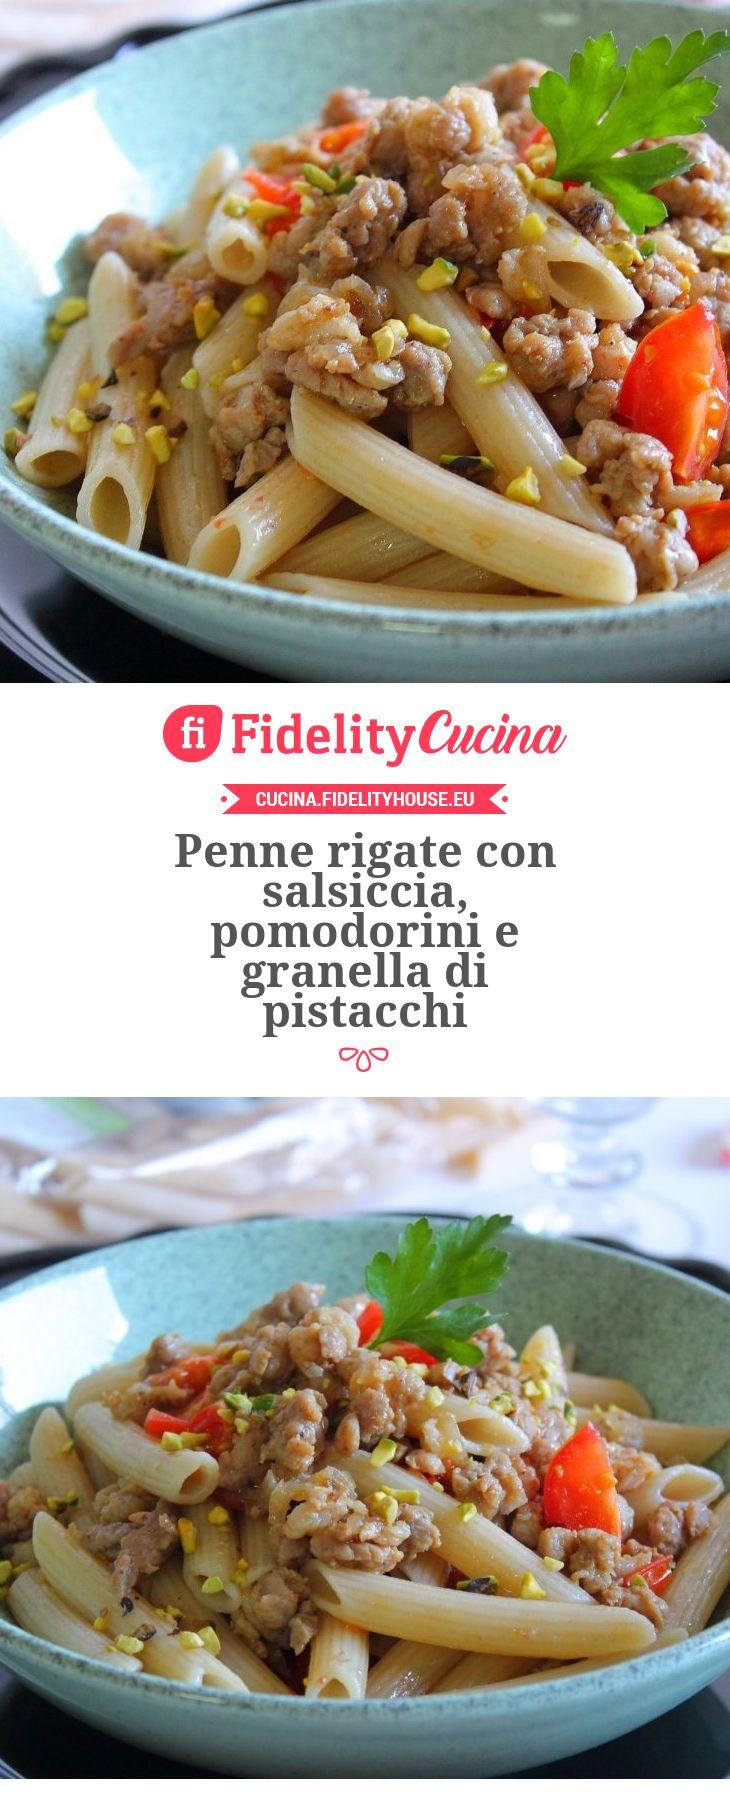 Penne rigate con salsiccia, pomodorini e granella di pistacchi